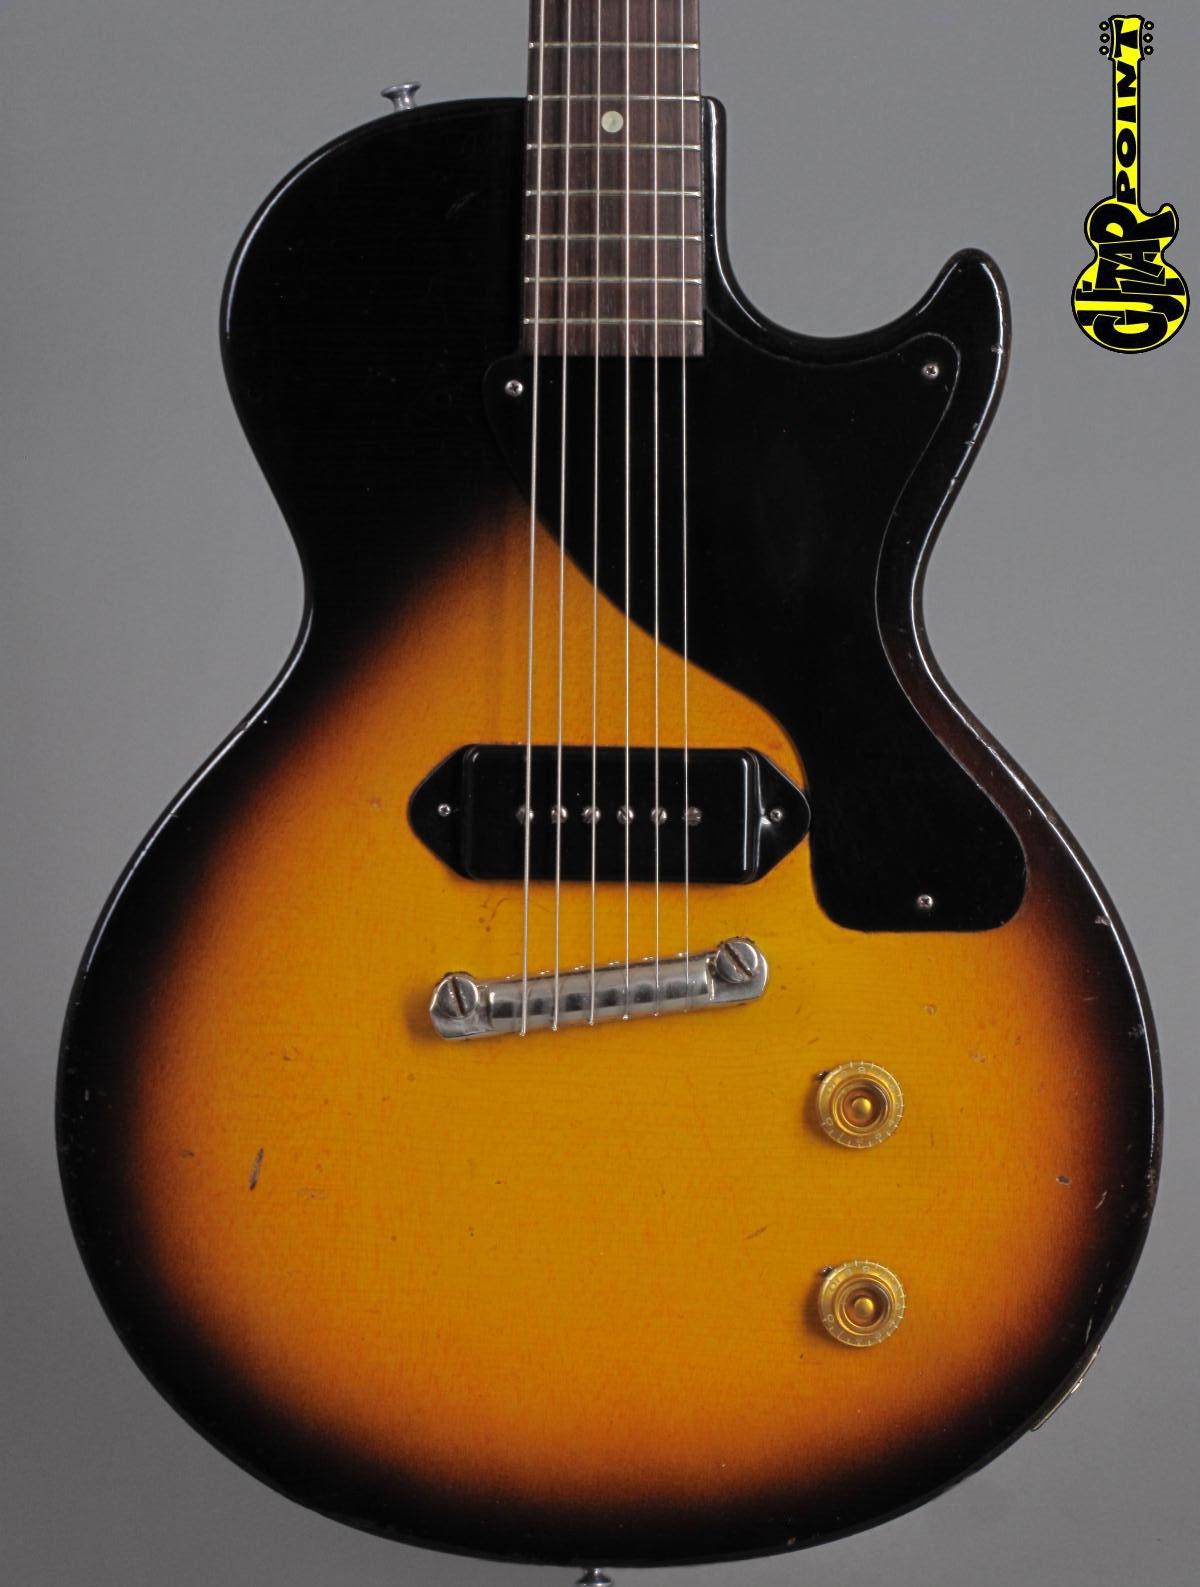 1957 Gibson Les Paul Junior 3/4 - Sunburst